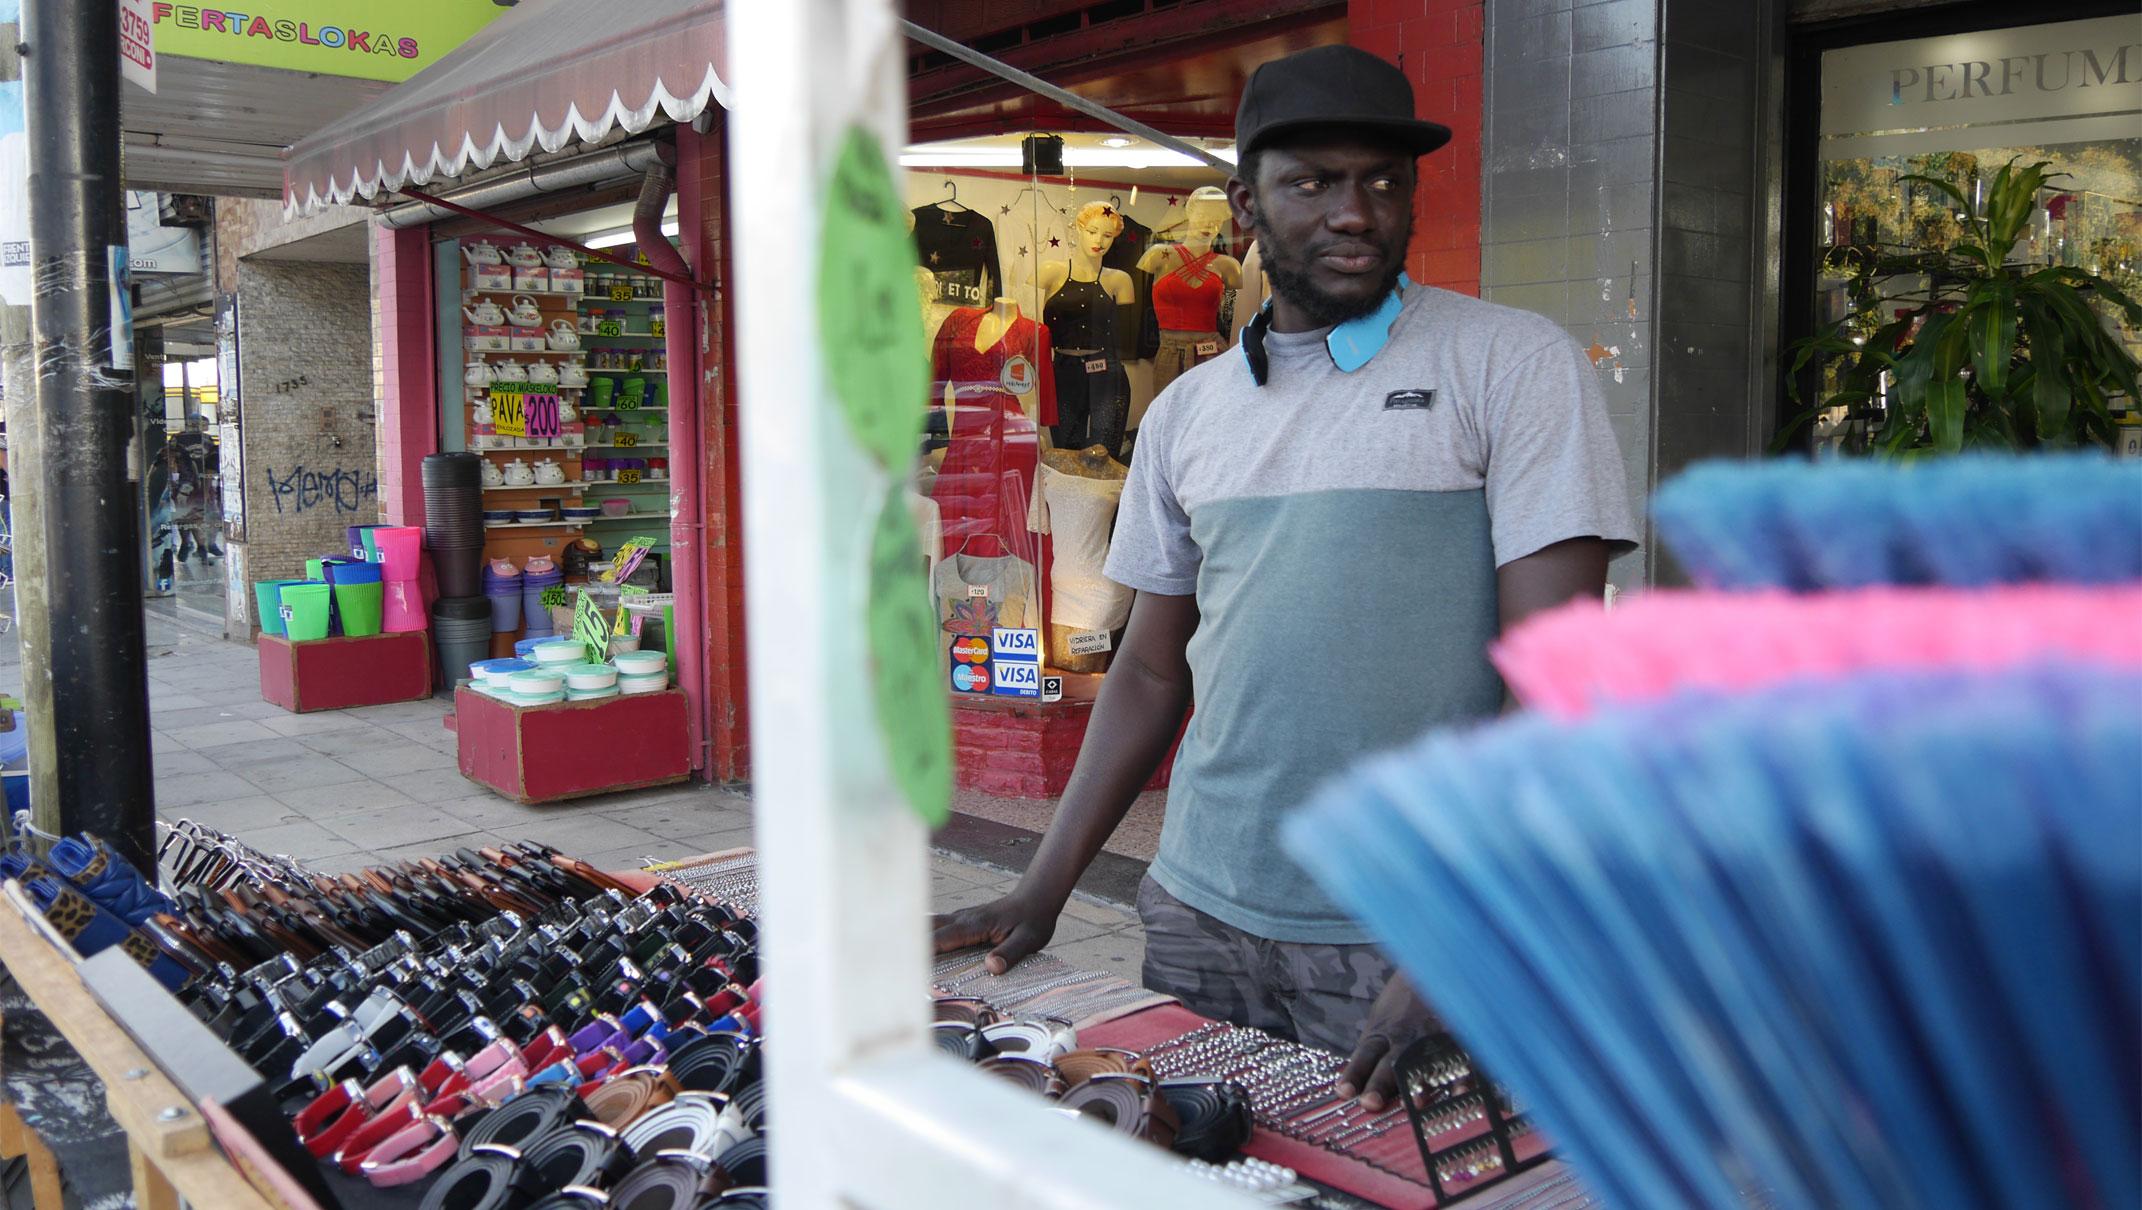 Las vidas paralelas de los inmigrantes senegaleses en Argentina